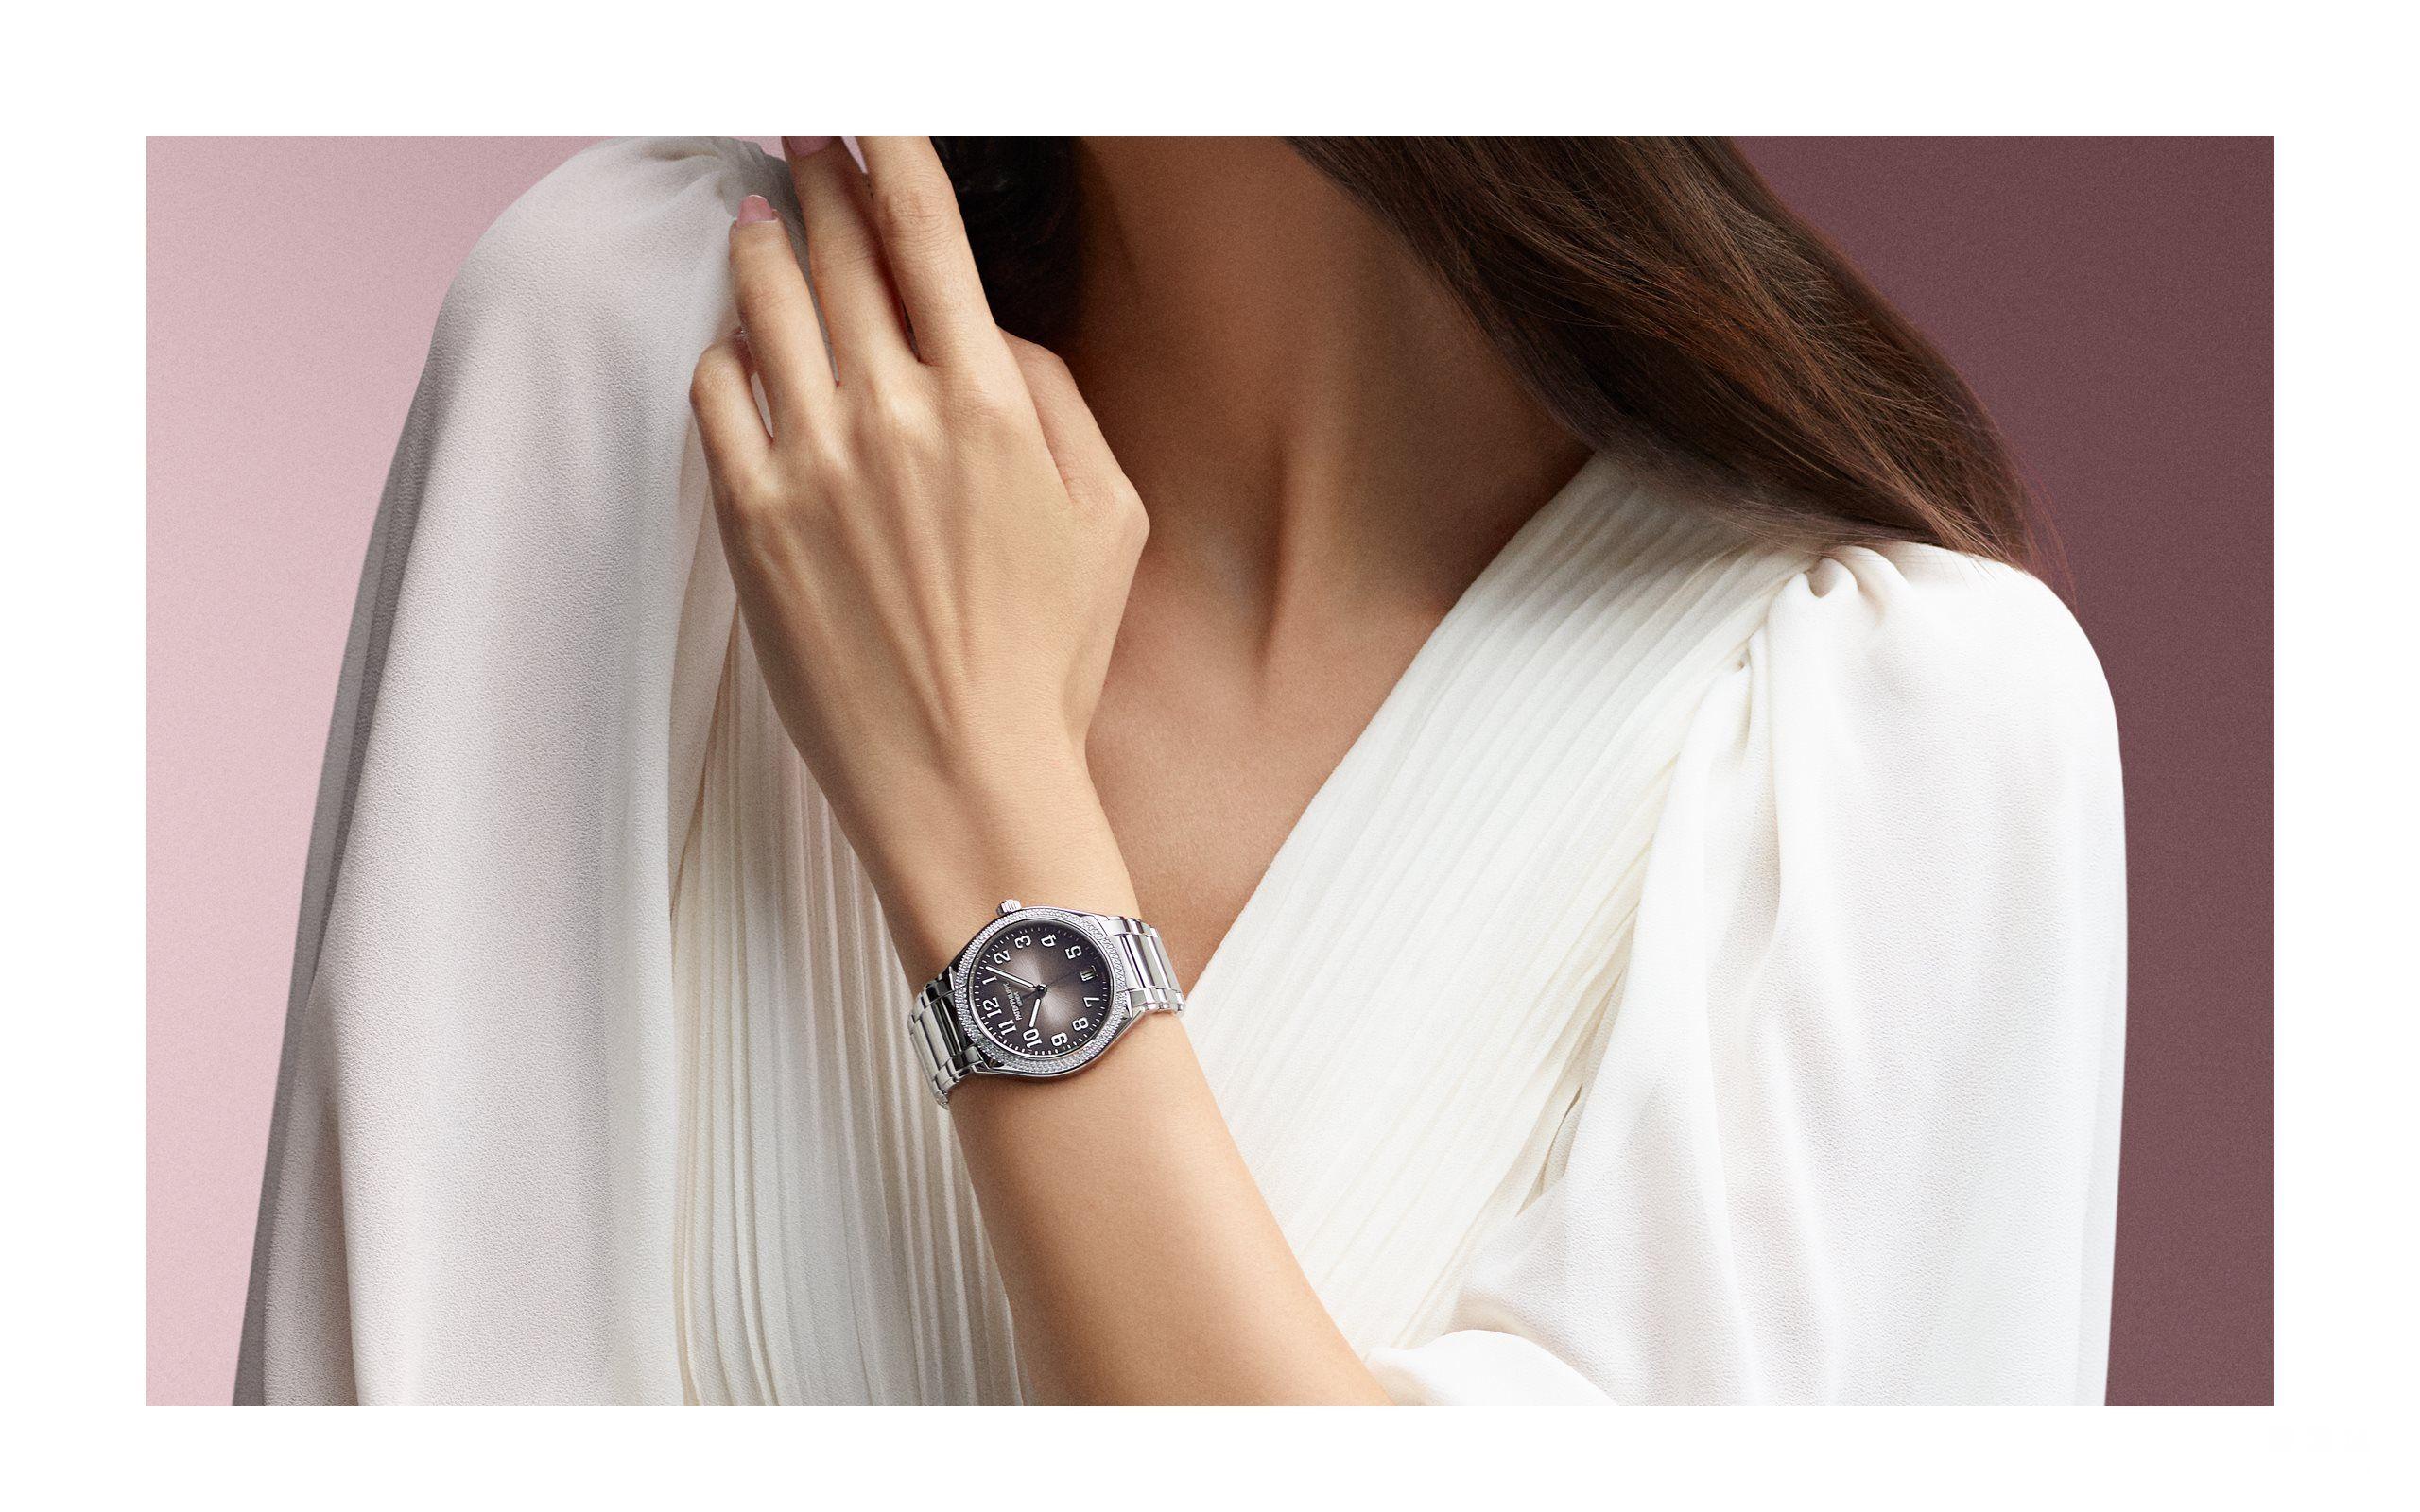 """百达翡丽,日内瓦 2018 年 10 月   新款 Twenty~4 自动机械腕表  精彩人生  与你同行  百达翡丽推出新款 Twenty~4 自动机械腕表。这是一款为时尚、独立、积极、自主的现代女性设计的腕表,陪伴她们度过每一个丰富多彩的 24 小时。从户外的休闲装扮到奢华的晚礼服,它可以搭配各种造型,适应各种场合。选择 Twenty~4 自动机械腕表的女性,在轻松驾驭最新科技产品的同时,更钟情于腕间的传统机械时计,因为它不仅代表着高品质的工艺传统,更是一件精美的艺术杰作,具有恒久价值。  优雅至上  珍贵永恒  新款 Twenty~4 自动机械腕表承袭 1999 年诞生的同系列腕表的美学魅力,表链的中心链节微微突起,与两侧精美的双层链节融为一体。全新的 36 毫米圆形表壳轮廓优雅、细节精致,将其与旧款设计相区别。表盘采用压嵌式阿拉伯立体字块和棒状指针,均覆有荧光涂层,确保清晰易读。弧形蓝宝石水晶表镜与表壳线条完美呼应。表圈镶嵌两排错落有致的钻石,运用""""Dentelle蕾丝镶嵌""""法,充分彰显钻石的闪耀光芒与女性魅力。  新款 Twenty~4 自动机械腕表搭载自动上弦机械机芯,推出不锈钢和玫瑰金款式,搭配不同表盘颜色,其中一款银色表盘的细节装饰极具艺术特色,营造出宛如珍贵重磅丝绸—山东绸的纹理质感;镶钻处理的表圈、表冠和表链更为这款优雅的玫瑰金款式增添光彩。     新款 Twenty~4 自动机械腕表,女性恒久魅力的全新演绎。"""